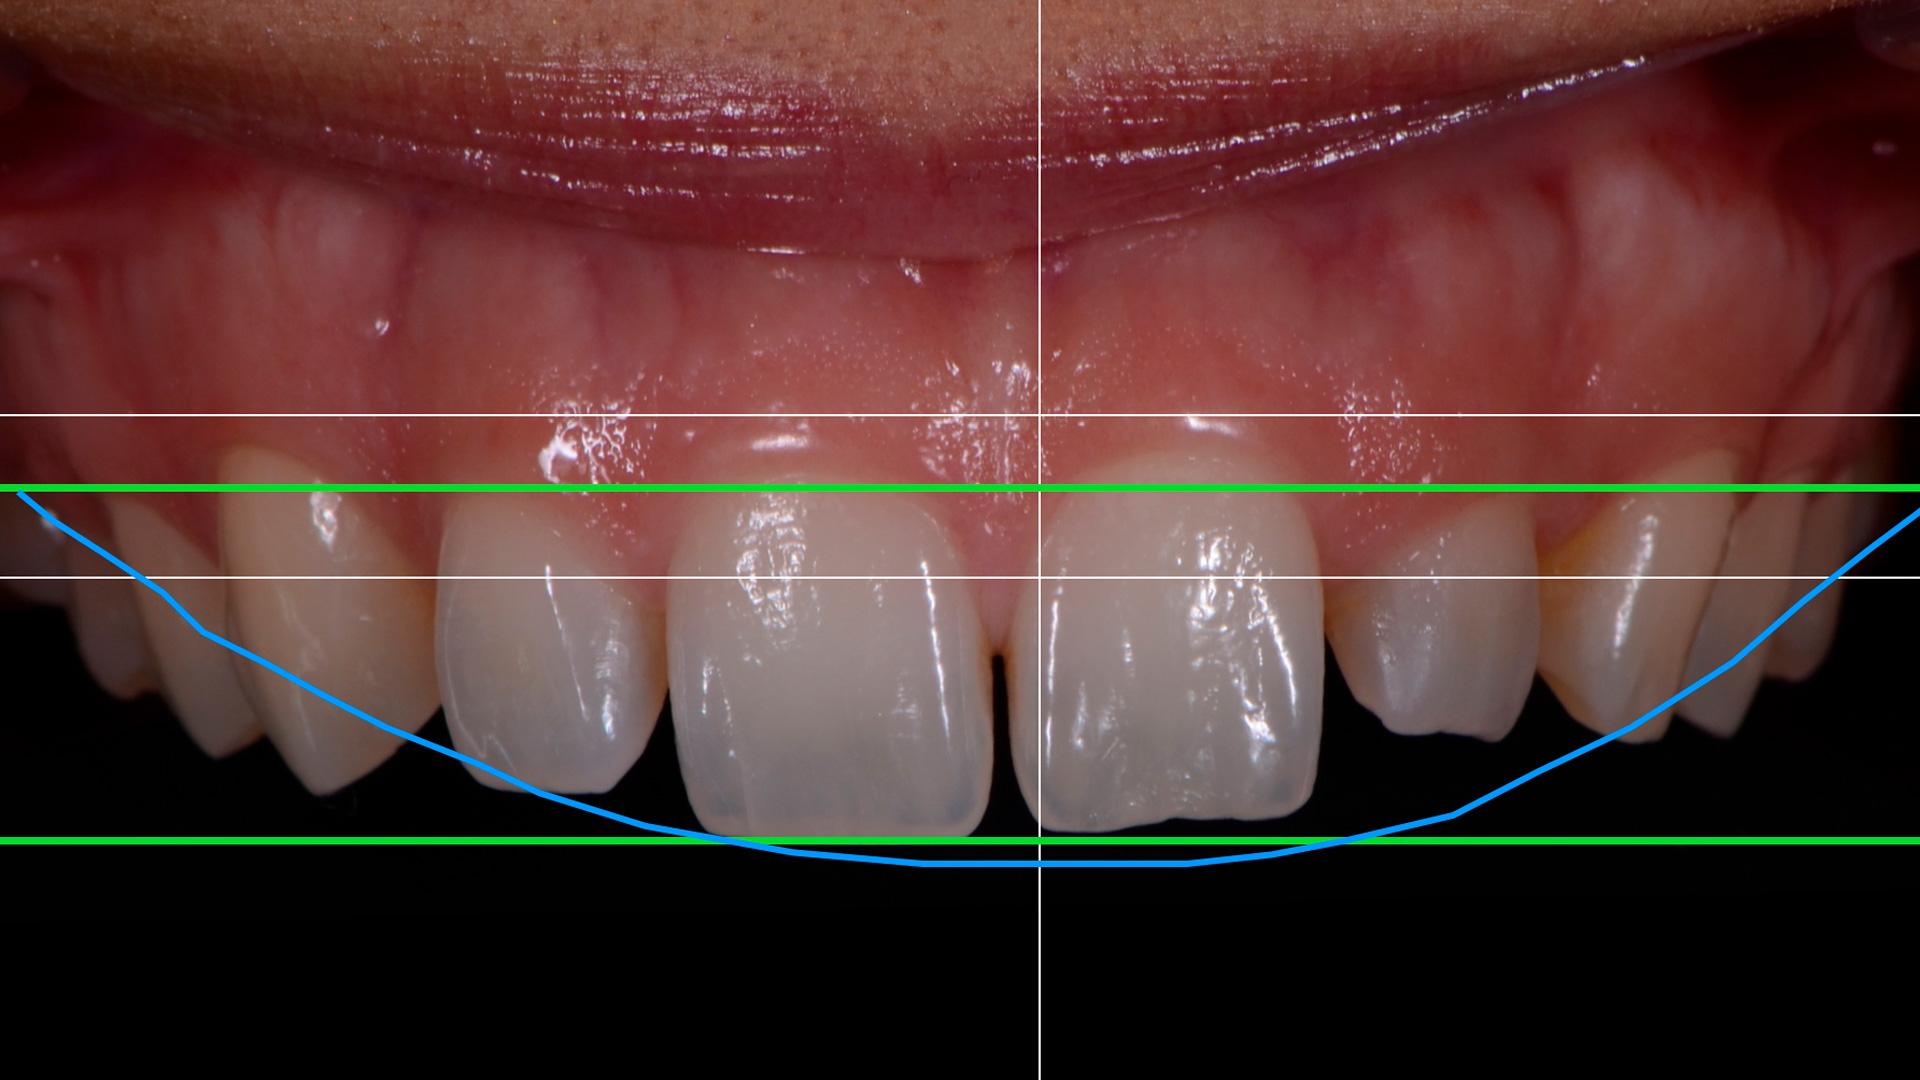 En esta Masterclass <b>Protocolo fotográfico DSD en odontología</b>, impartida por el doctor Alejandro Otero, detallaremos cómo se realiza el protocolo fotográfico que se emplea en el <b>DSD</b> aplicado a la <b>odontología</b>. <br /><br />  Para diseñar la sonrisa del paciente con la tecnología <b>DSD</b> se necesitan diferentes fotografías extraorales e intraorales. Gracias a esta Masterclass, <b>Protocolo fotográfico DSD en odontología</b>, conocerás con precisión cuántas fotografías se necesitan para realizar un buen diseño con <b>DSD</b> en <b>odontología</b>, siguiendo el protocolo fotográfico paso a paso. En definitiva, conocer el protocolo fotográfico te ayudará a planificar el tratamiento de tus pacientes en <b>odontología</b> con la tecnología <b>DSD</b>, facilitando tu trabajo como odontólogo y obteniendo los mejores resultados en la clínica dental. <br /><br /> Todas nuestras Masterclass están impartidas por los mayores expertos en odontología. Gracias a nuestra Masterclass<b>Diseño de sonrisa con DSD</b>y otras como esta, que forman parte de la serie<b>Nuevas tecnologías en implantología</b>, podrás desarrollar y actualizar tus conocimientos sobre las tecnologías más avanzadas en diagnóstico y cirugía odontológica, profundizando en diferentes campos de la odontología digital, como la tecnología Digital Smile Design para el <b>diseño de sonrisa</b>, alcanzando una formación avanzada y permitiéndote profundizar enlos aspectos a tener en cuenta en la colocación de implantes dentales con criterios científicos y de excelencia, abordando las últimas tendencias y técnicas más actuales en el sector odontológico. <br /><br /> Desde Knotgroup Dental Institute te invitamos a que explores a través de nuestra web y encuentres otras masterclass como <b>Diseño de sonrisa con DSD</b> para actualizar tus conocimientos y aplicarlos a tu clínica dental, así como la amplia gama de cursos que ofrecemos también sobre <b>Diseño de sonrisa con DSD</b>, impartidos por los mejo